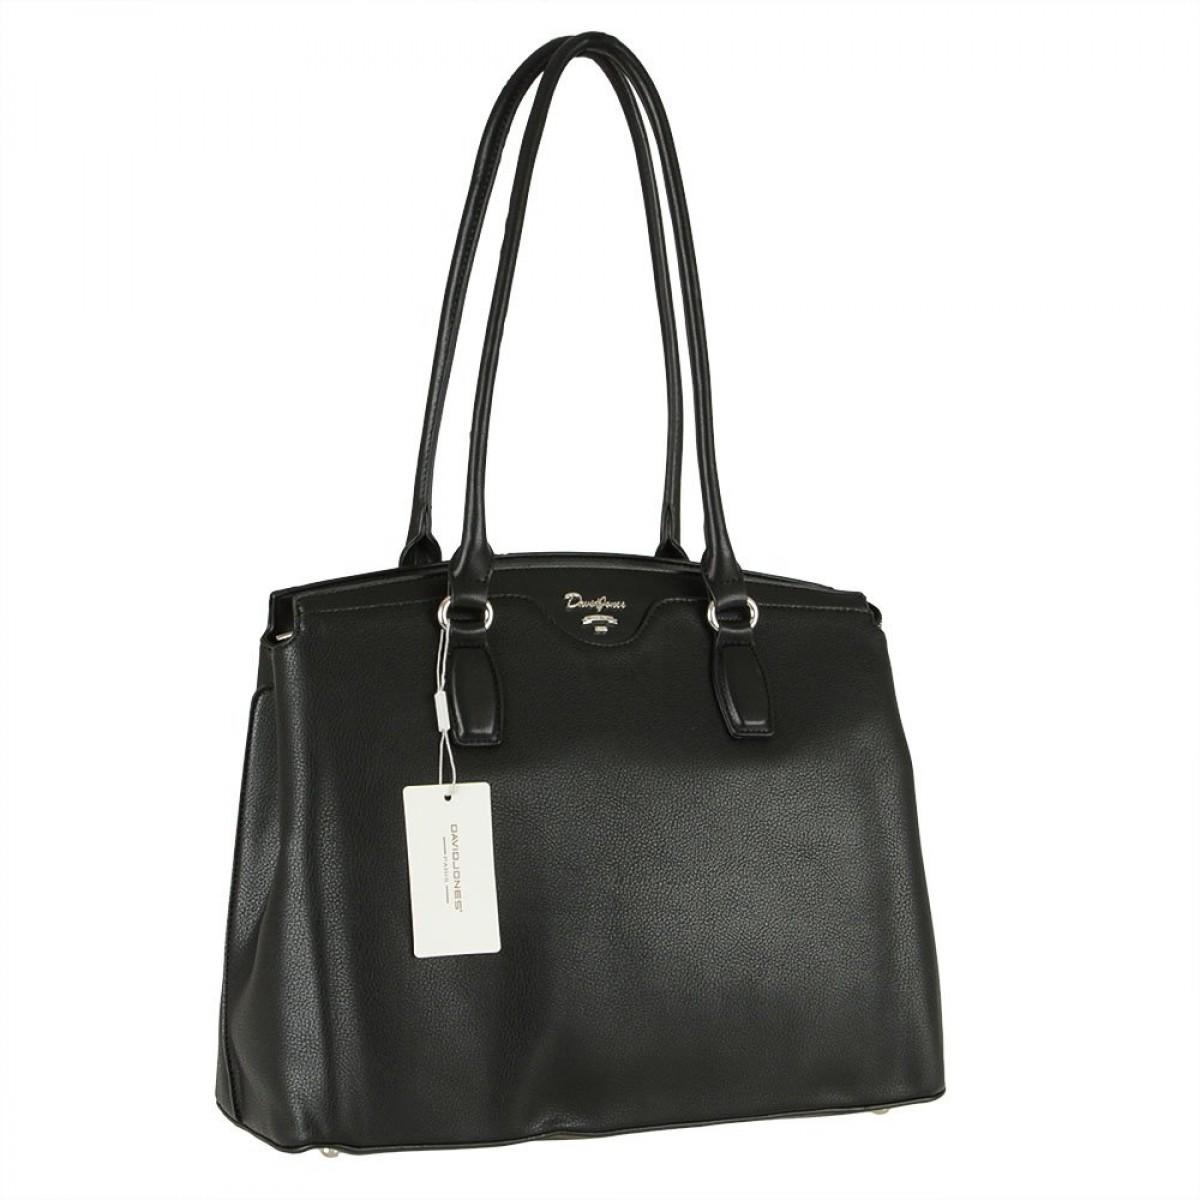 Жіноча сумка David Jones 6416-2 BLACK